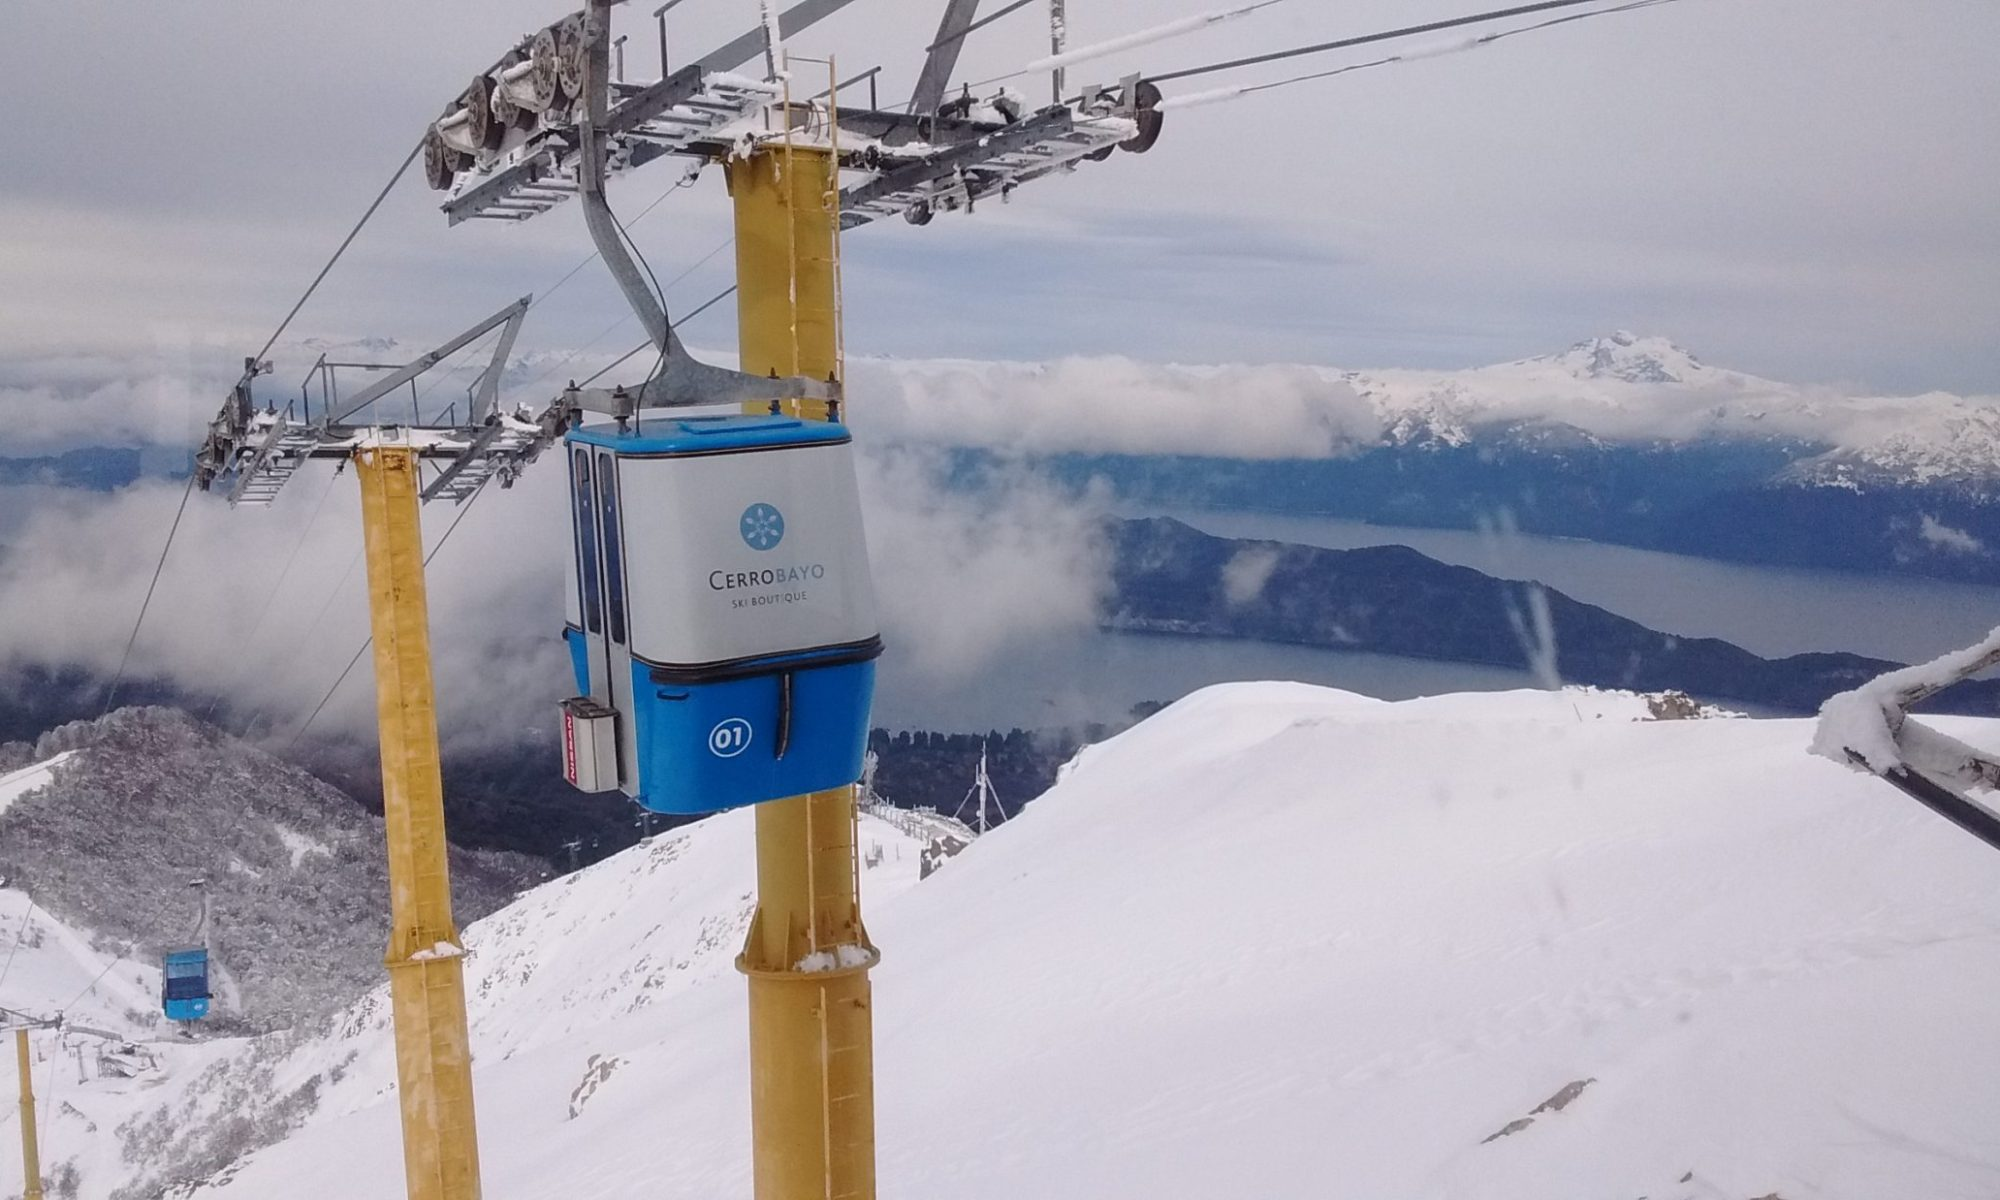 Cerro Bayo gondola - Photo courtesy of Roberto Thostrup- Cerro Bayo. Cerro Bayo to create a new chairlift departure at 1400 meters.